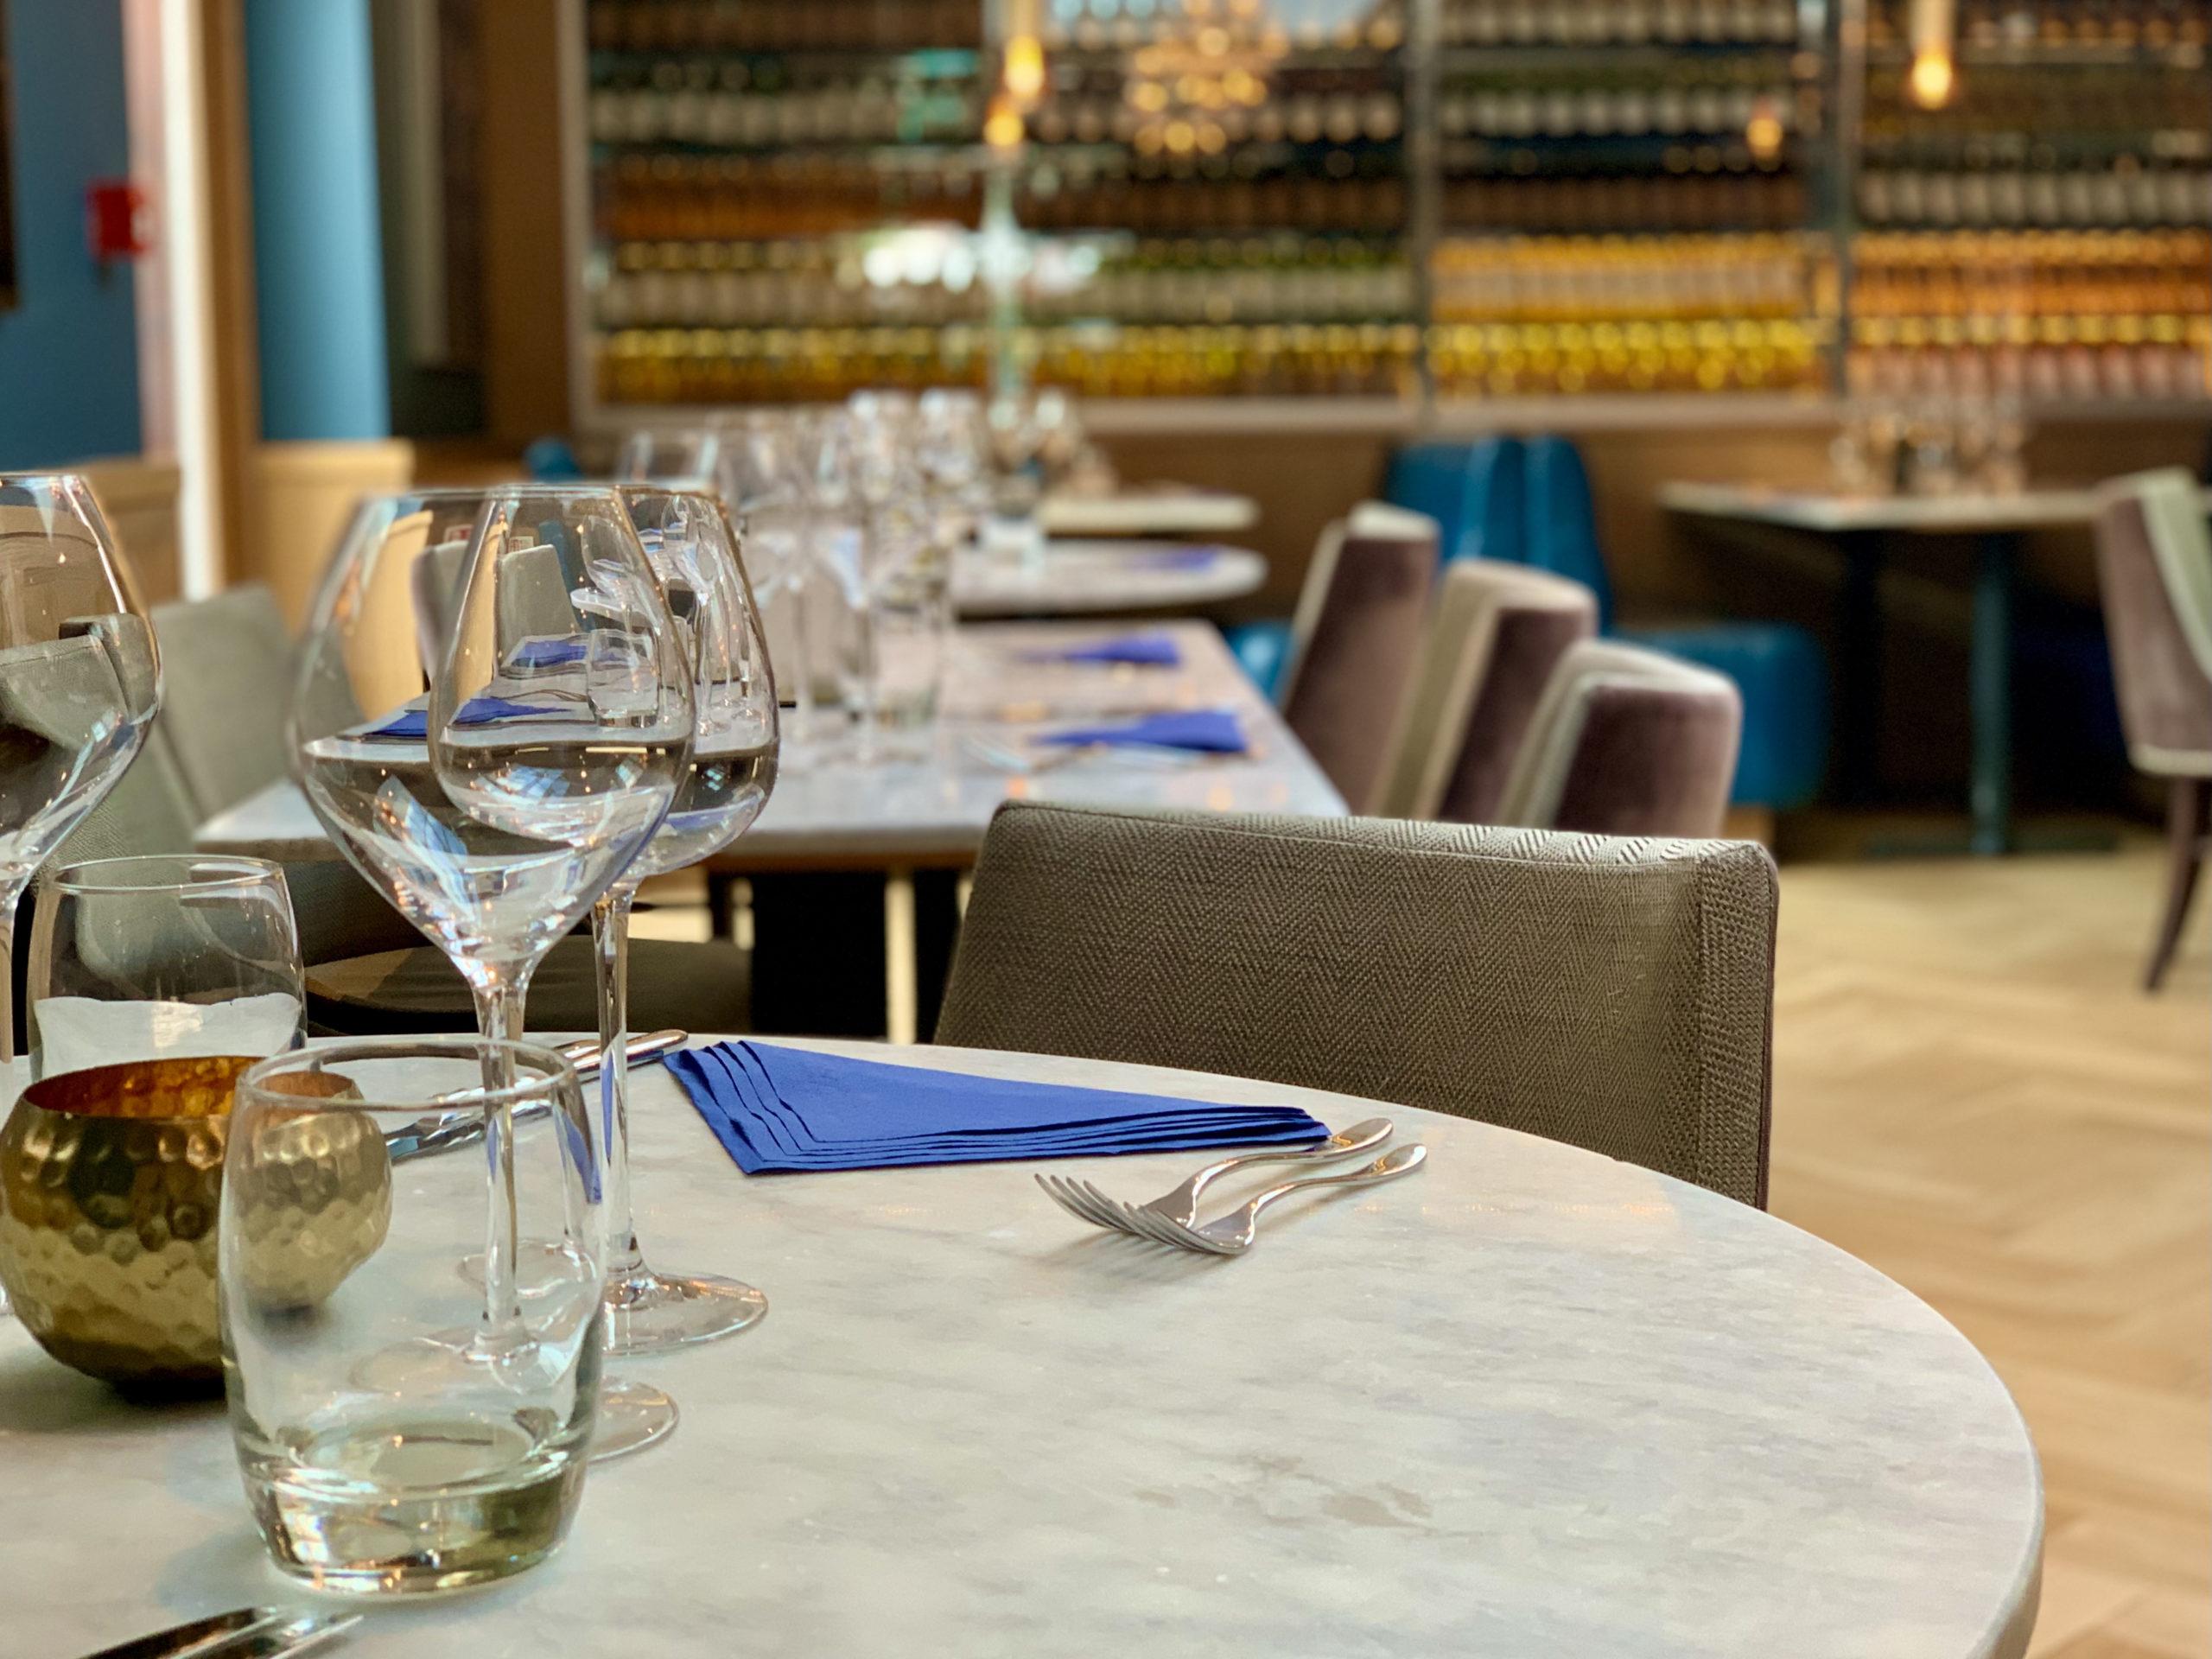 The Dovetail Restaurant settings